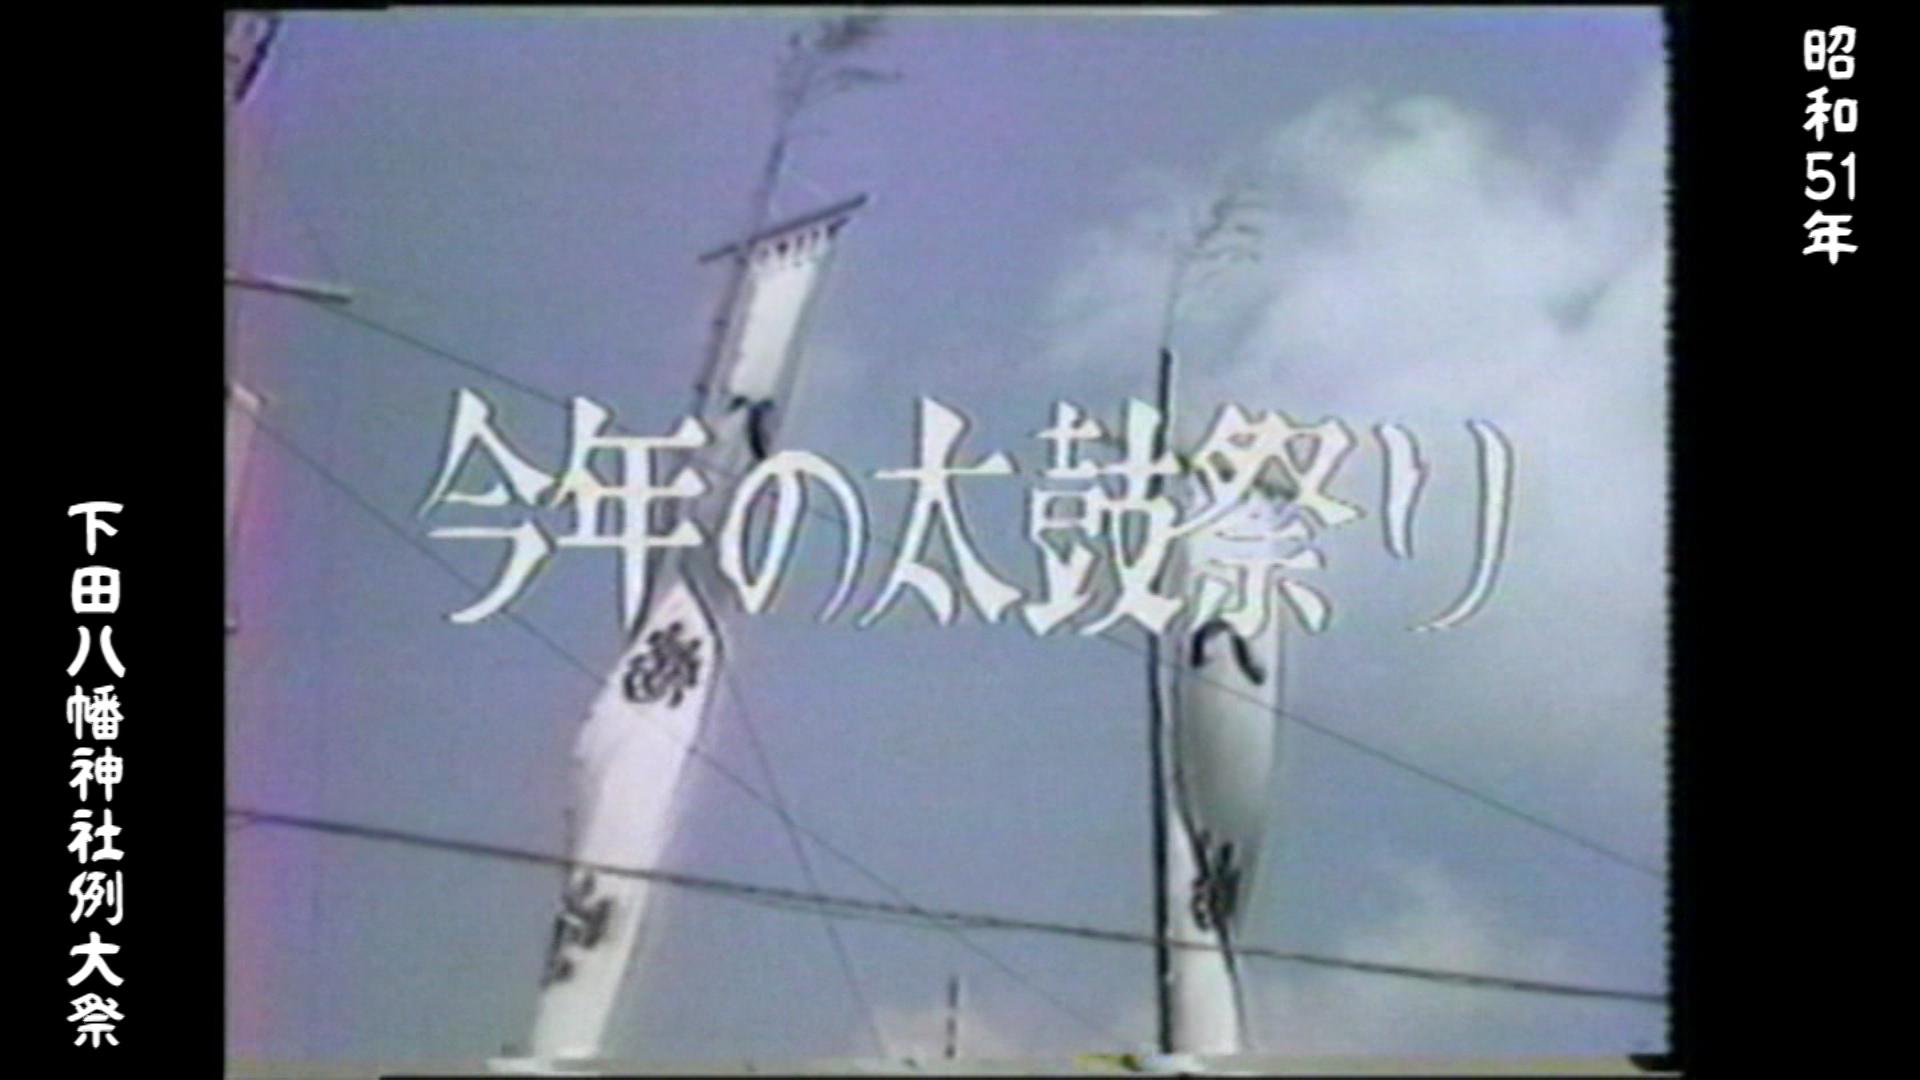 下田の祭りダイジェスト 新作公開